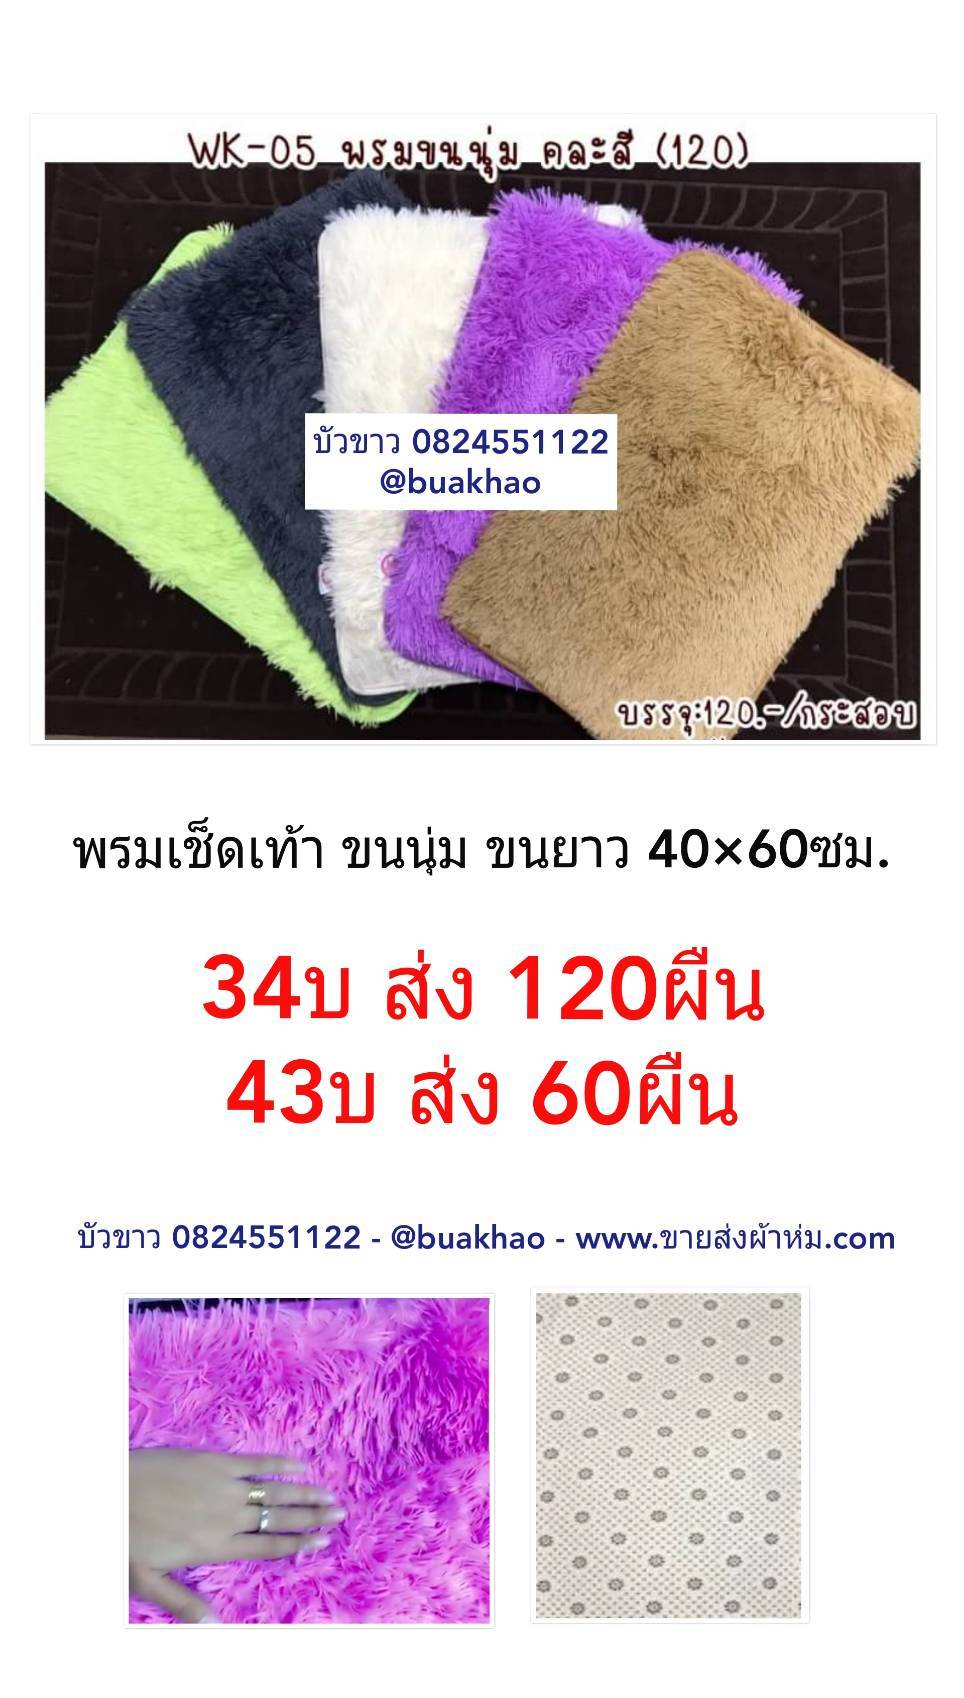 พรมเช็ดเท้าขนนุ่ม ขนยาว 40*60นิ้ว ผืนละ 34บ ส่ง 120ผืน